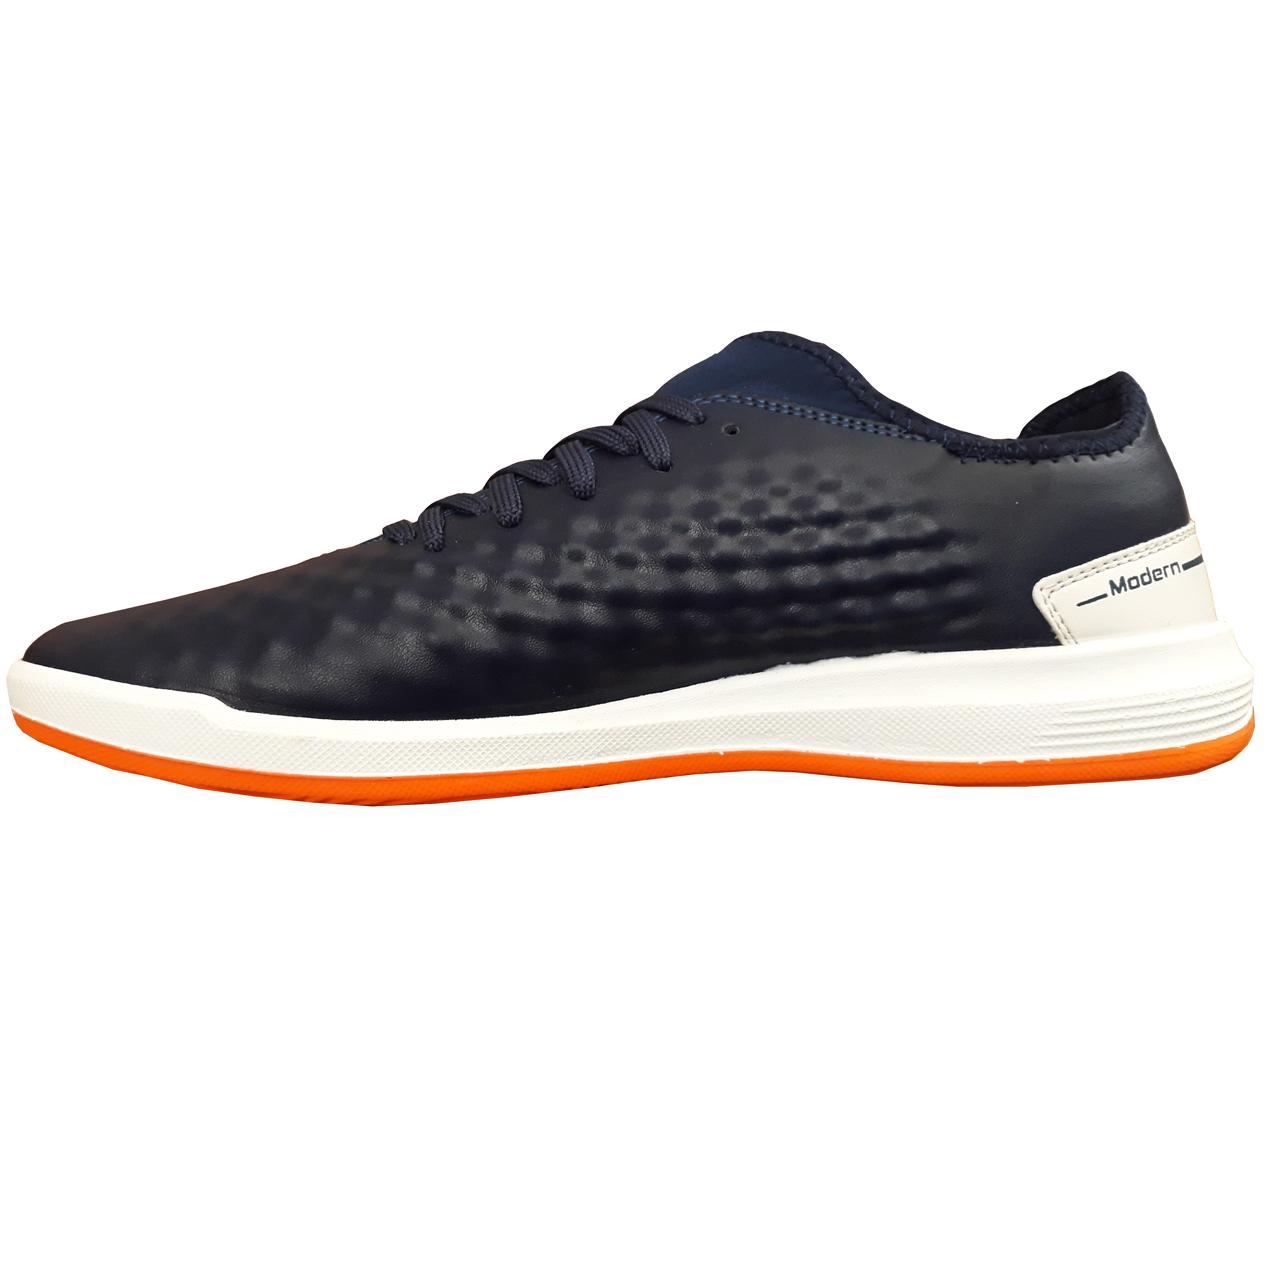 قیمت کفش فوتسال مردانه مدل M3